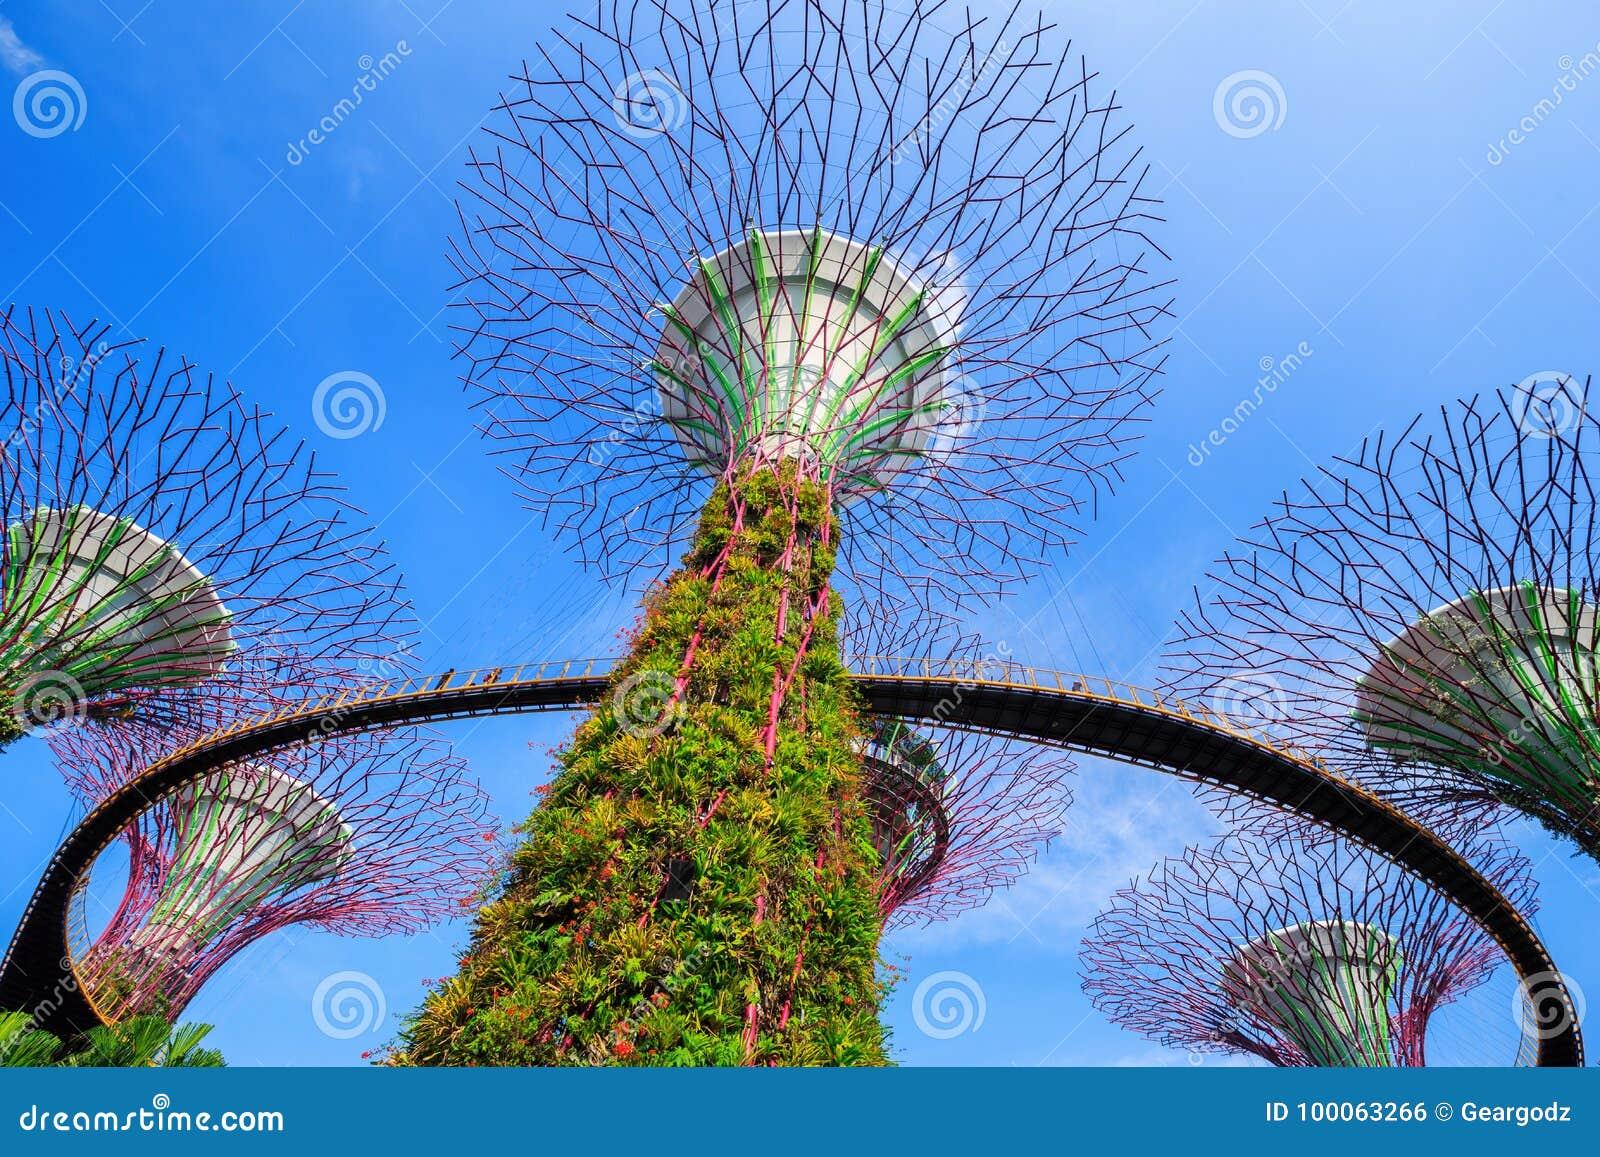 Le touriste non identifié a visité skyway des jardins par la baie au péché